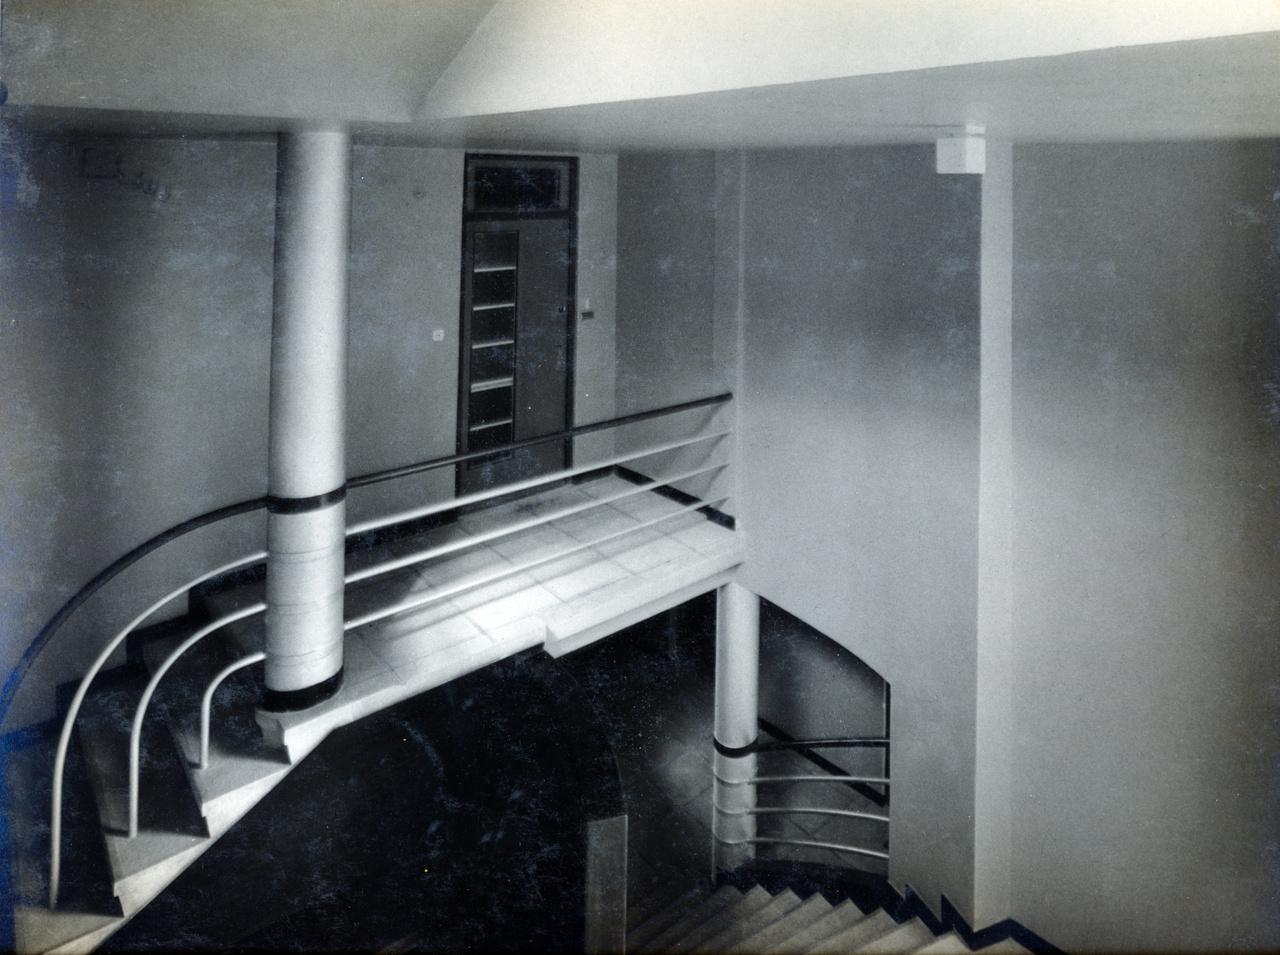 Az izgalmas formák megelőlegezik azokat a gyönyörű lépcsőházakat, amelyek majd Újlipótvárosban, vagy épp a Margit körúton épülnek.